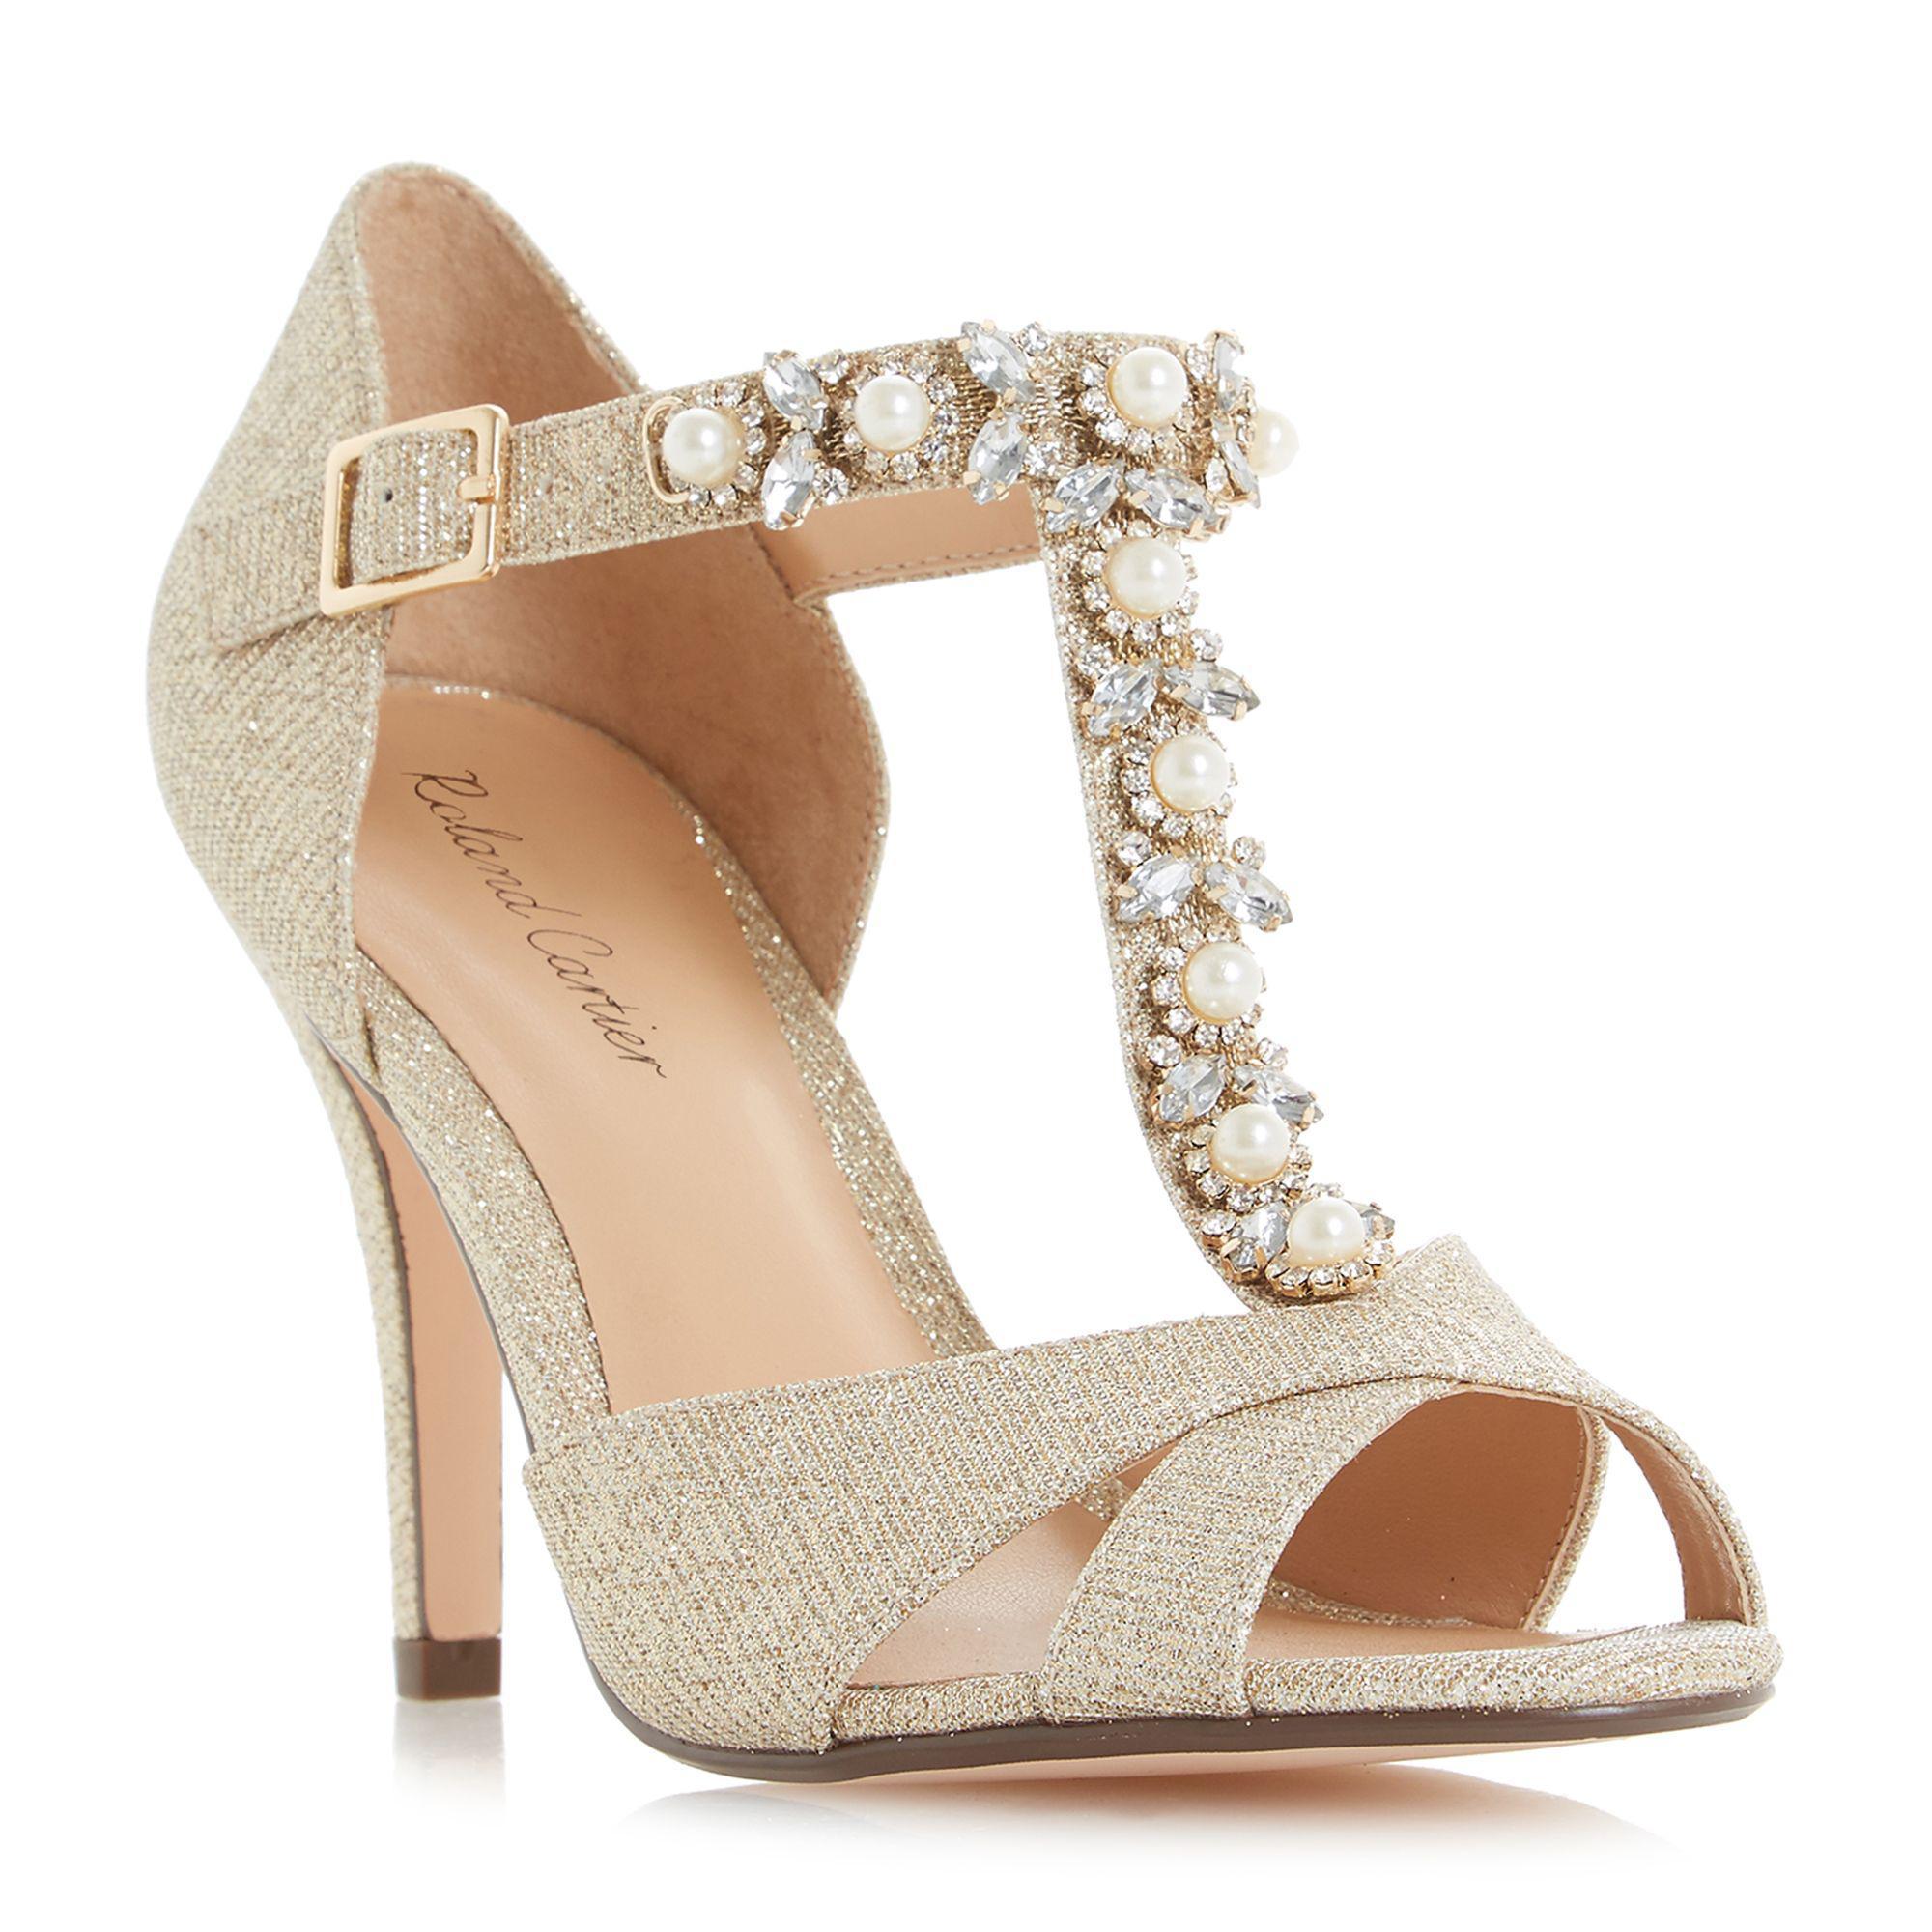 5fe071b1d52 Roland Cartier Gold Glitter Maddalyn High Stiletto Heel Court